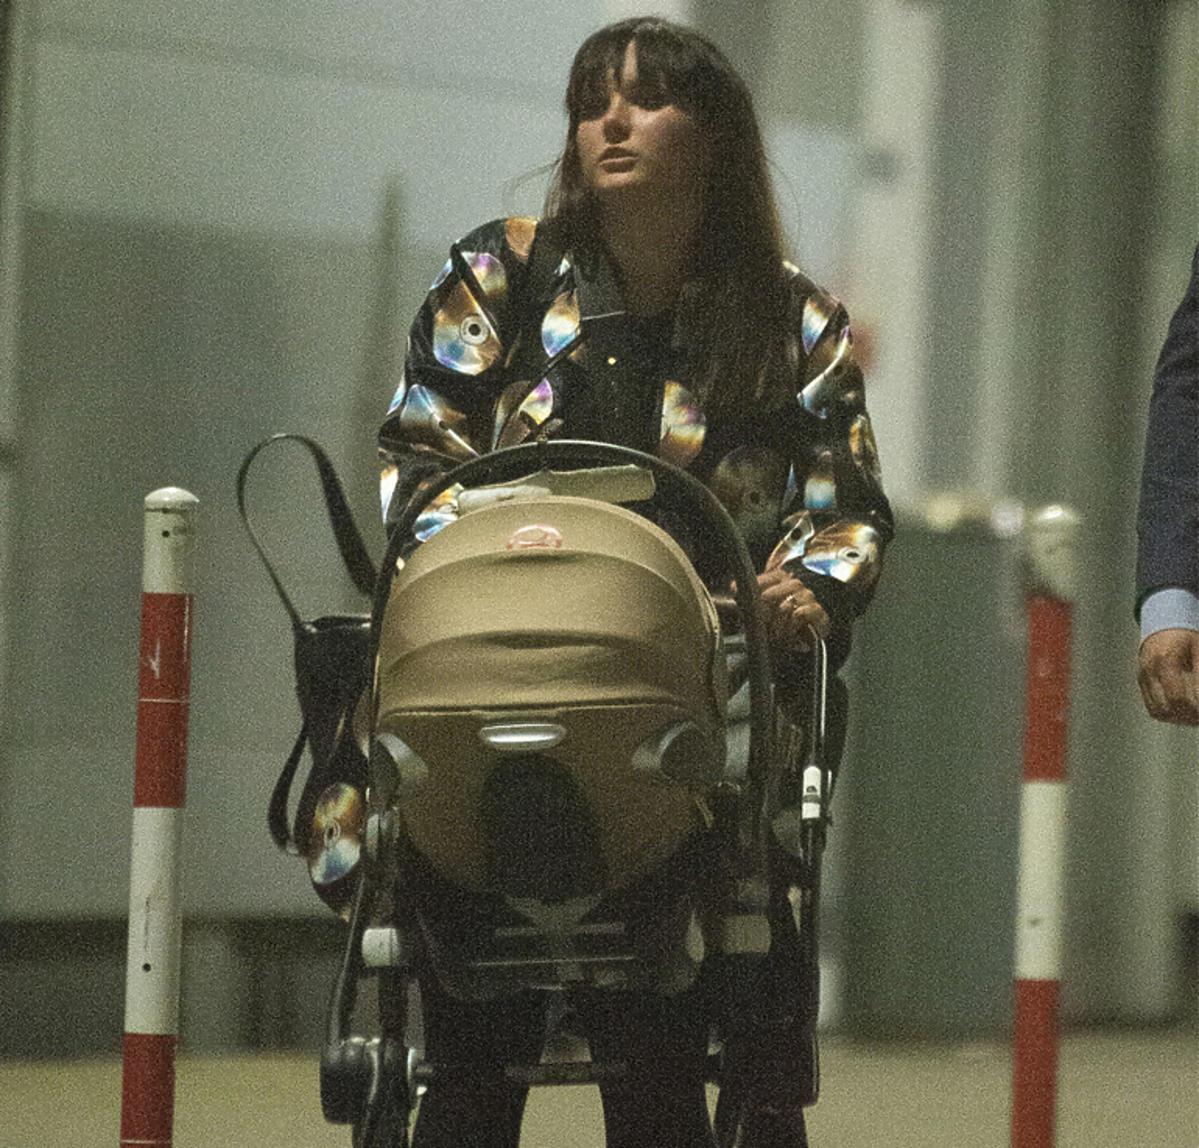 Ewa Farna prowadzi syna w wózku po koncercie